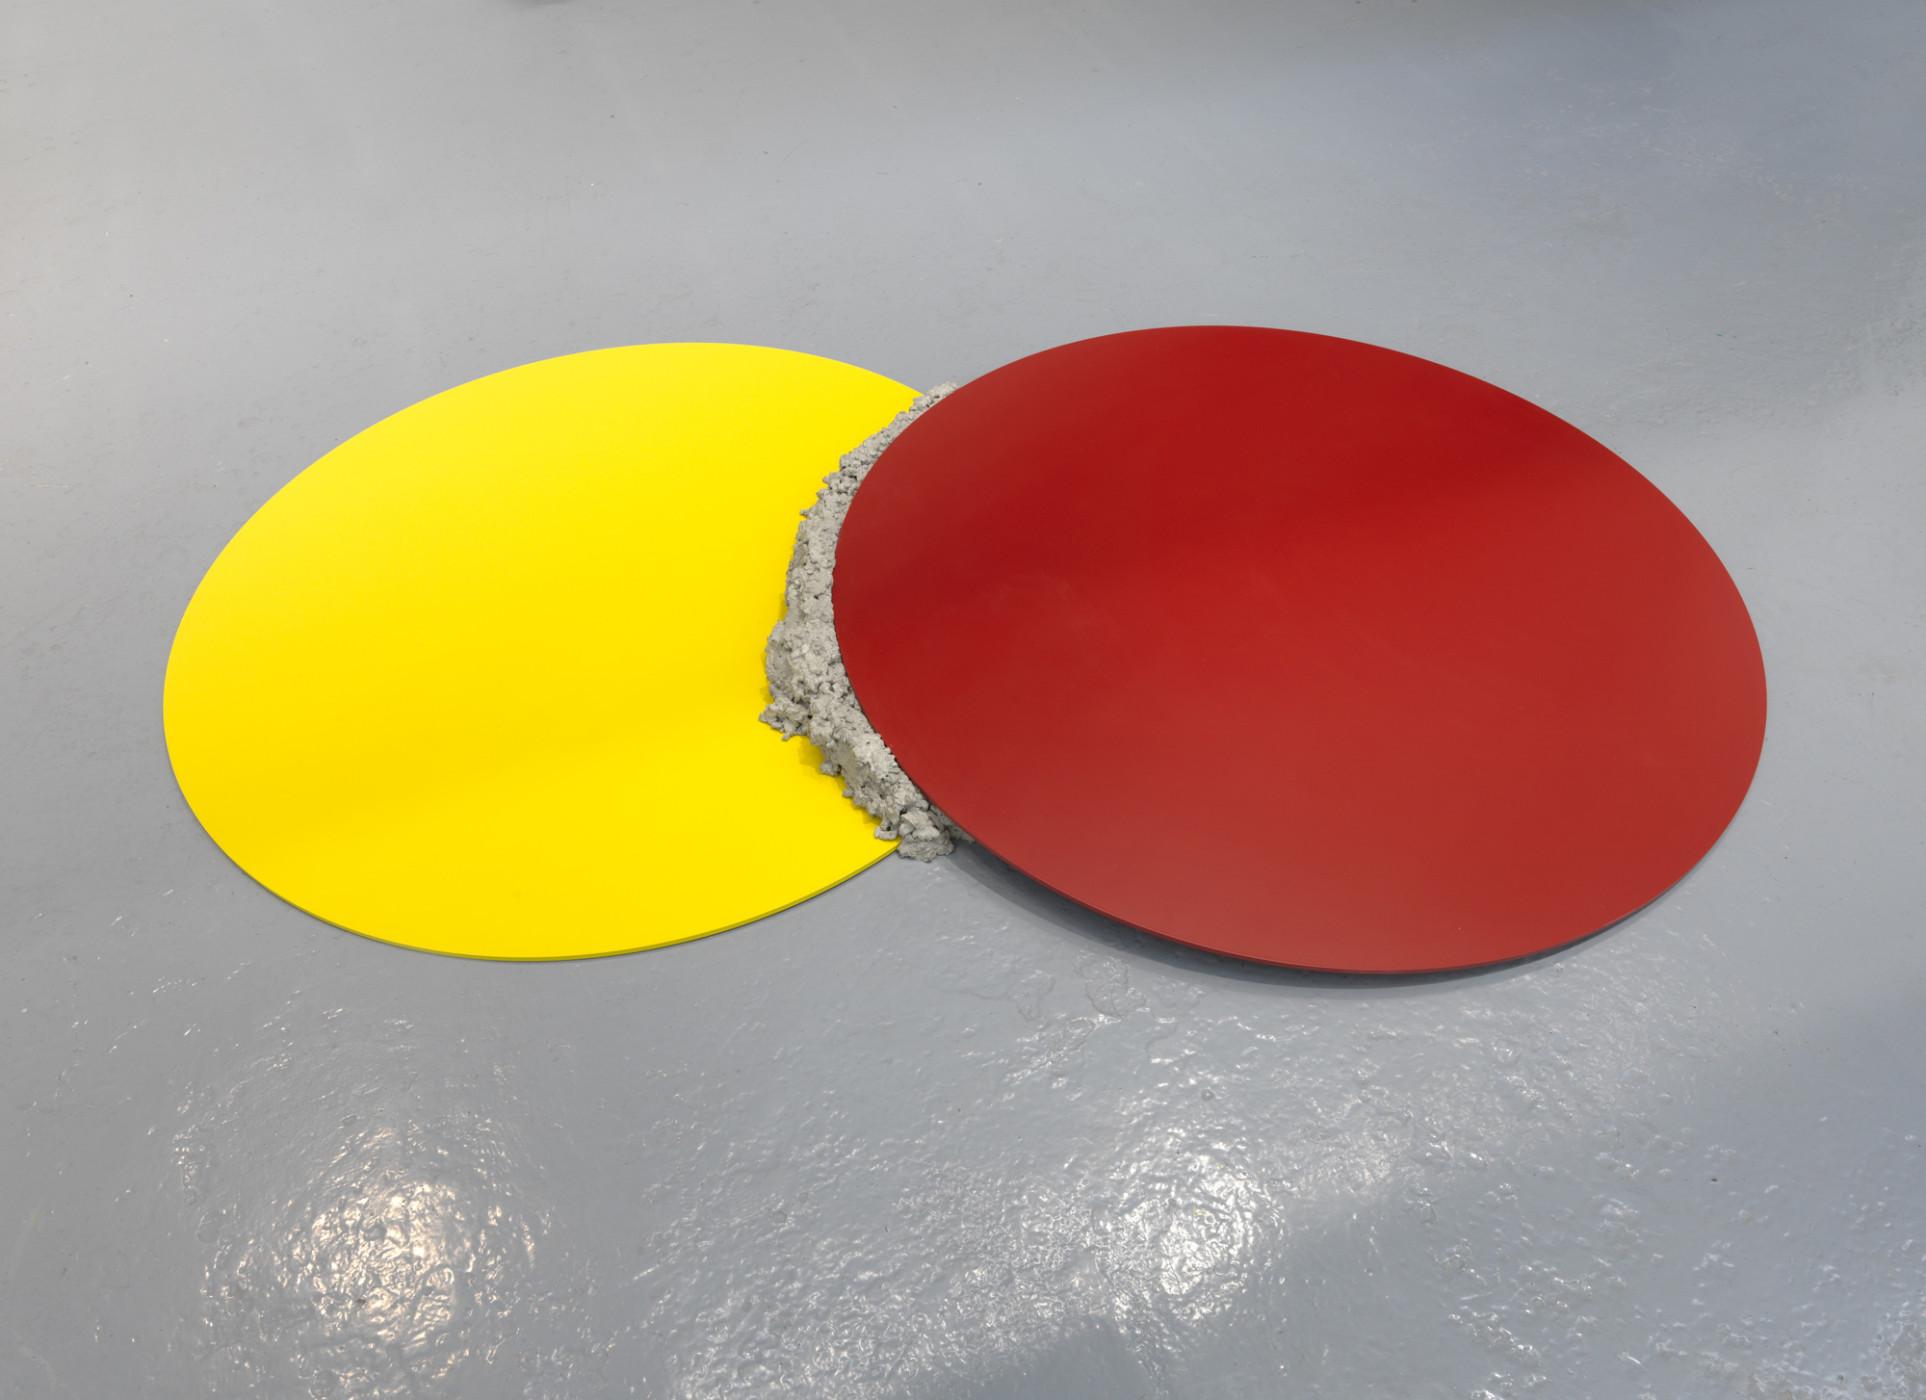 """<div class=""""artwork_caption""""><div class=""""title""""><em>er</em>, 2012</div><div class=""""medium"""">steel, cement, lacquer paint</div><div class=""""dimensions"""">12.0 x 200.0 x 120.0 cm<br />4 3/4 x 78 3/4 x 47 1/4 in.</div></div>"""